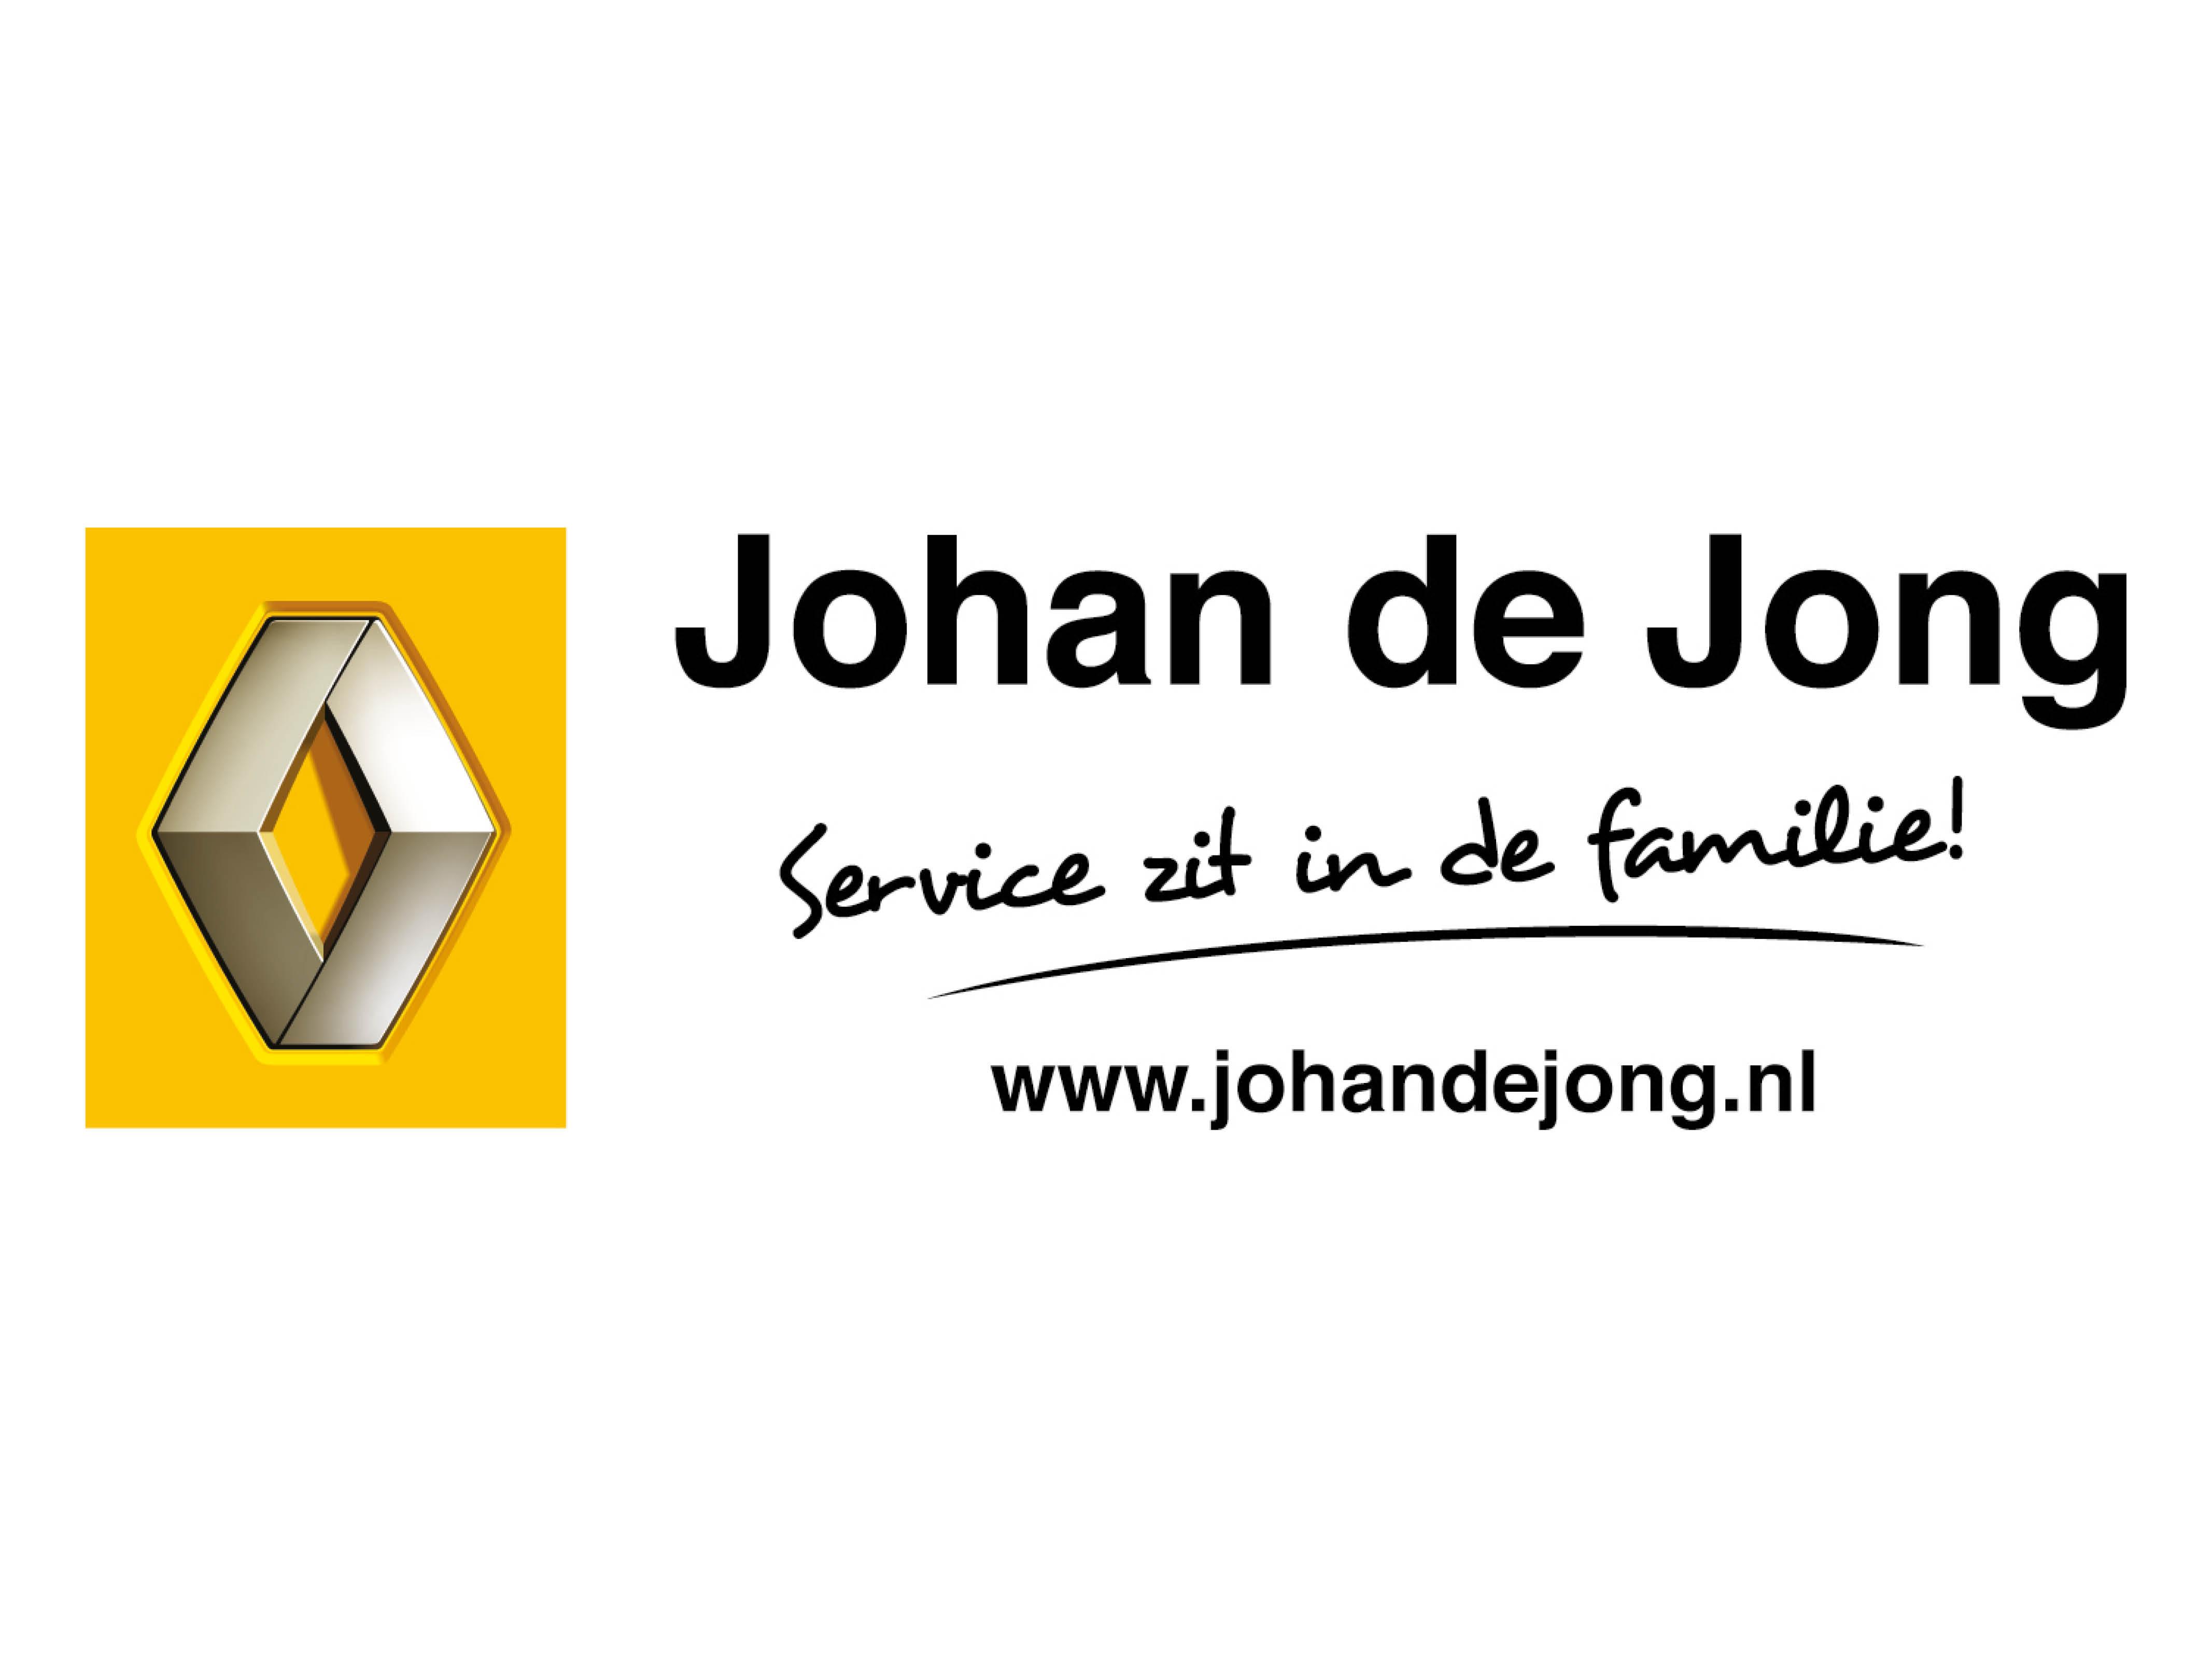 075-Johan-de-Jong.jpg